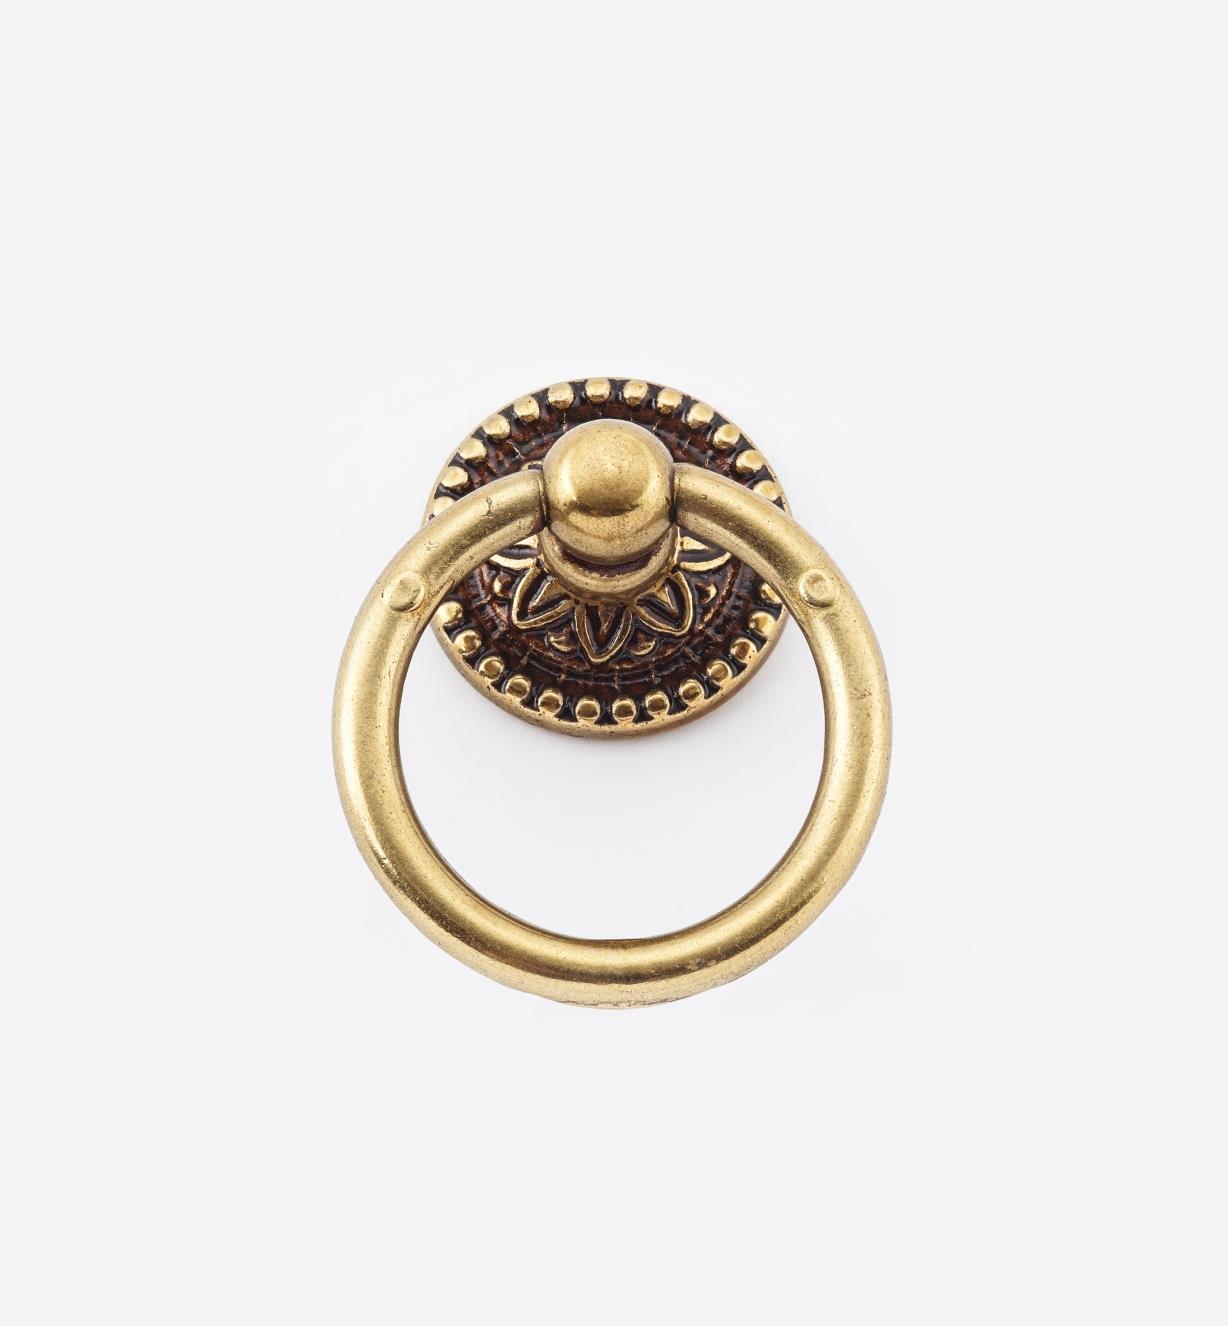 01A2180 - Poignée à anneau sur rosace Louis XVI, 34 mm x 45 mm